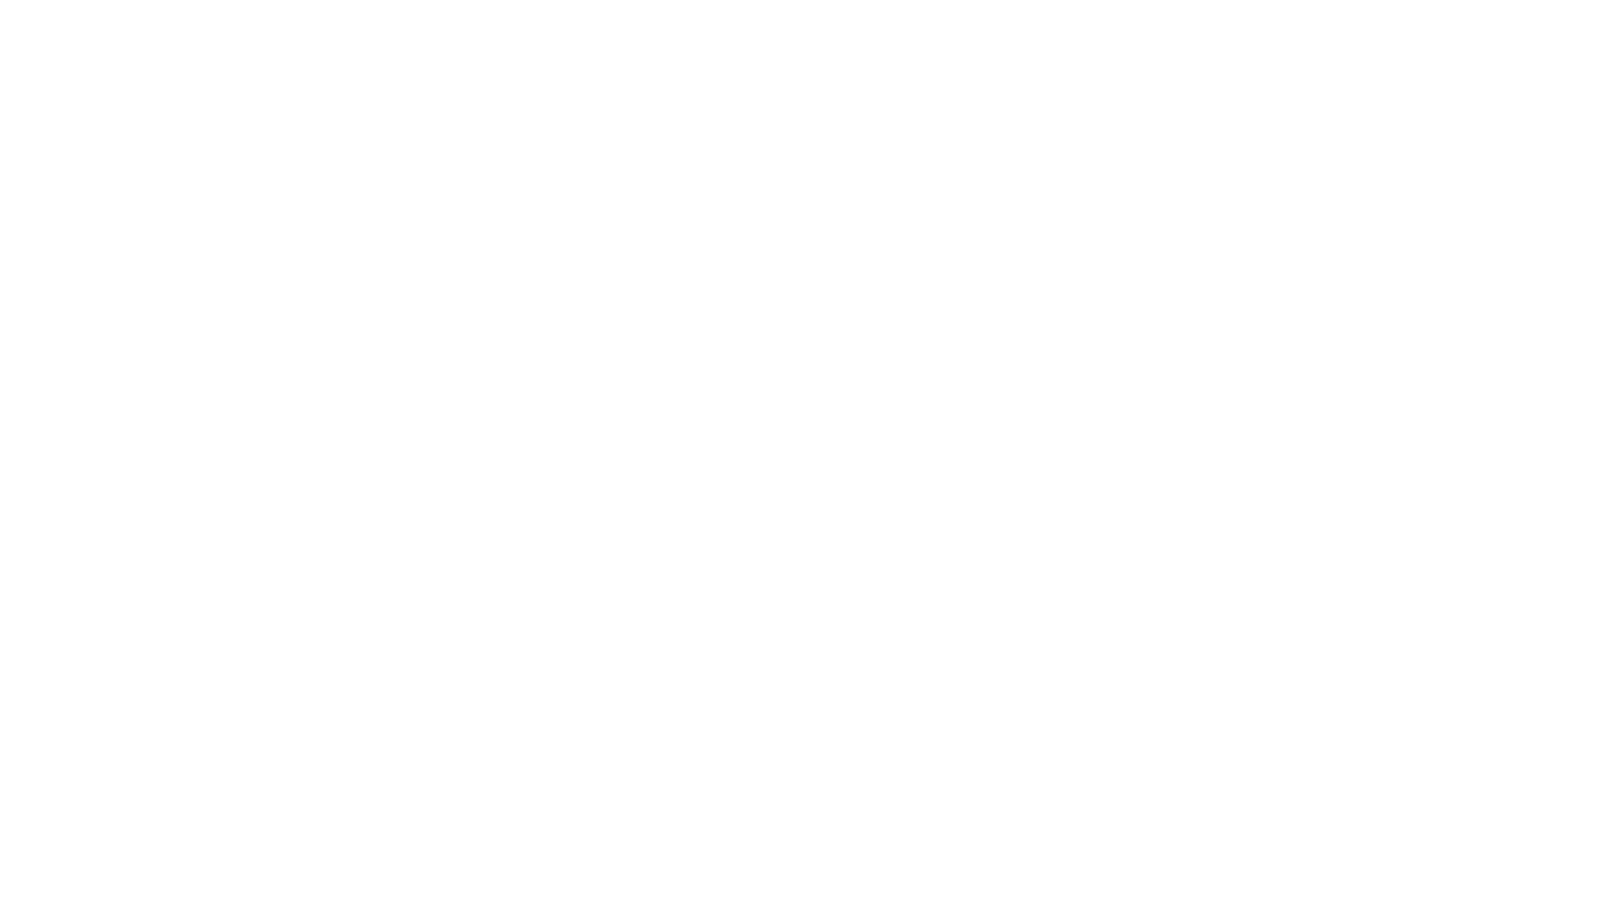 GeL 178 - Dia de resenha, hoje conto para vocês a minha experiência lendo a autobiografia do C.S. Lewis. Espero que vocês gostem, beijos! #garotasentrelivros #cslewis #surprisedbyjoy  Conhece o Kindle Unlimited? Teste gratuitamente por 30 dias: https://amzn.to/39eZoy7...  Conhece a Amazon Prime? Teste gratuitamente por 30 dias: https://amzn.to/3ak2uCu  Compre o livro: https://amzn.to/3uyHBgm Em português: https://amzn.to/3tbpUTR Leia a resenha: https://bit.ly/2QhtHjN  Conheça o blog e confira as resenhas! https://www.garotasentrelivros.com/...  Participe do nosso clube de leitura! https://www.facebook.com/groups/buddy......  Siga o GeL nas redes sociais! Facebook: http://bit.ly/2qyXzfj Twitter: http://bit.ly/2OjG5wt Instagram: http://bit.ly/2Ojqih1 Skoob: http://bit.ly/34qRKzi